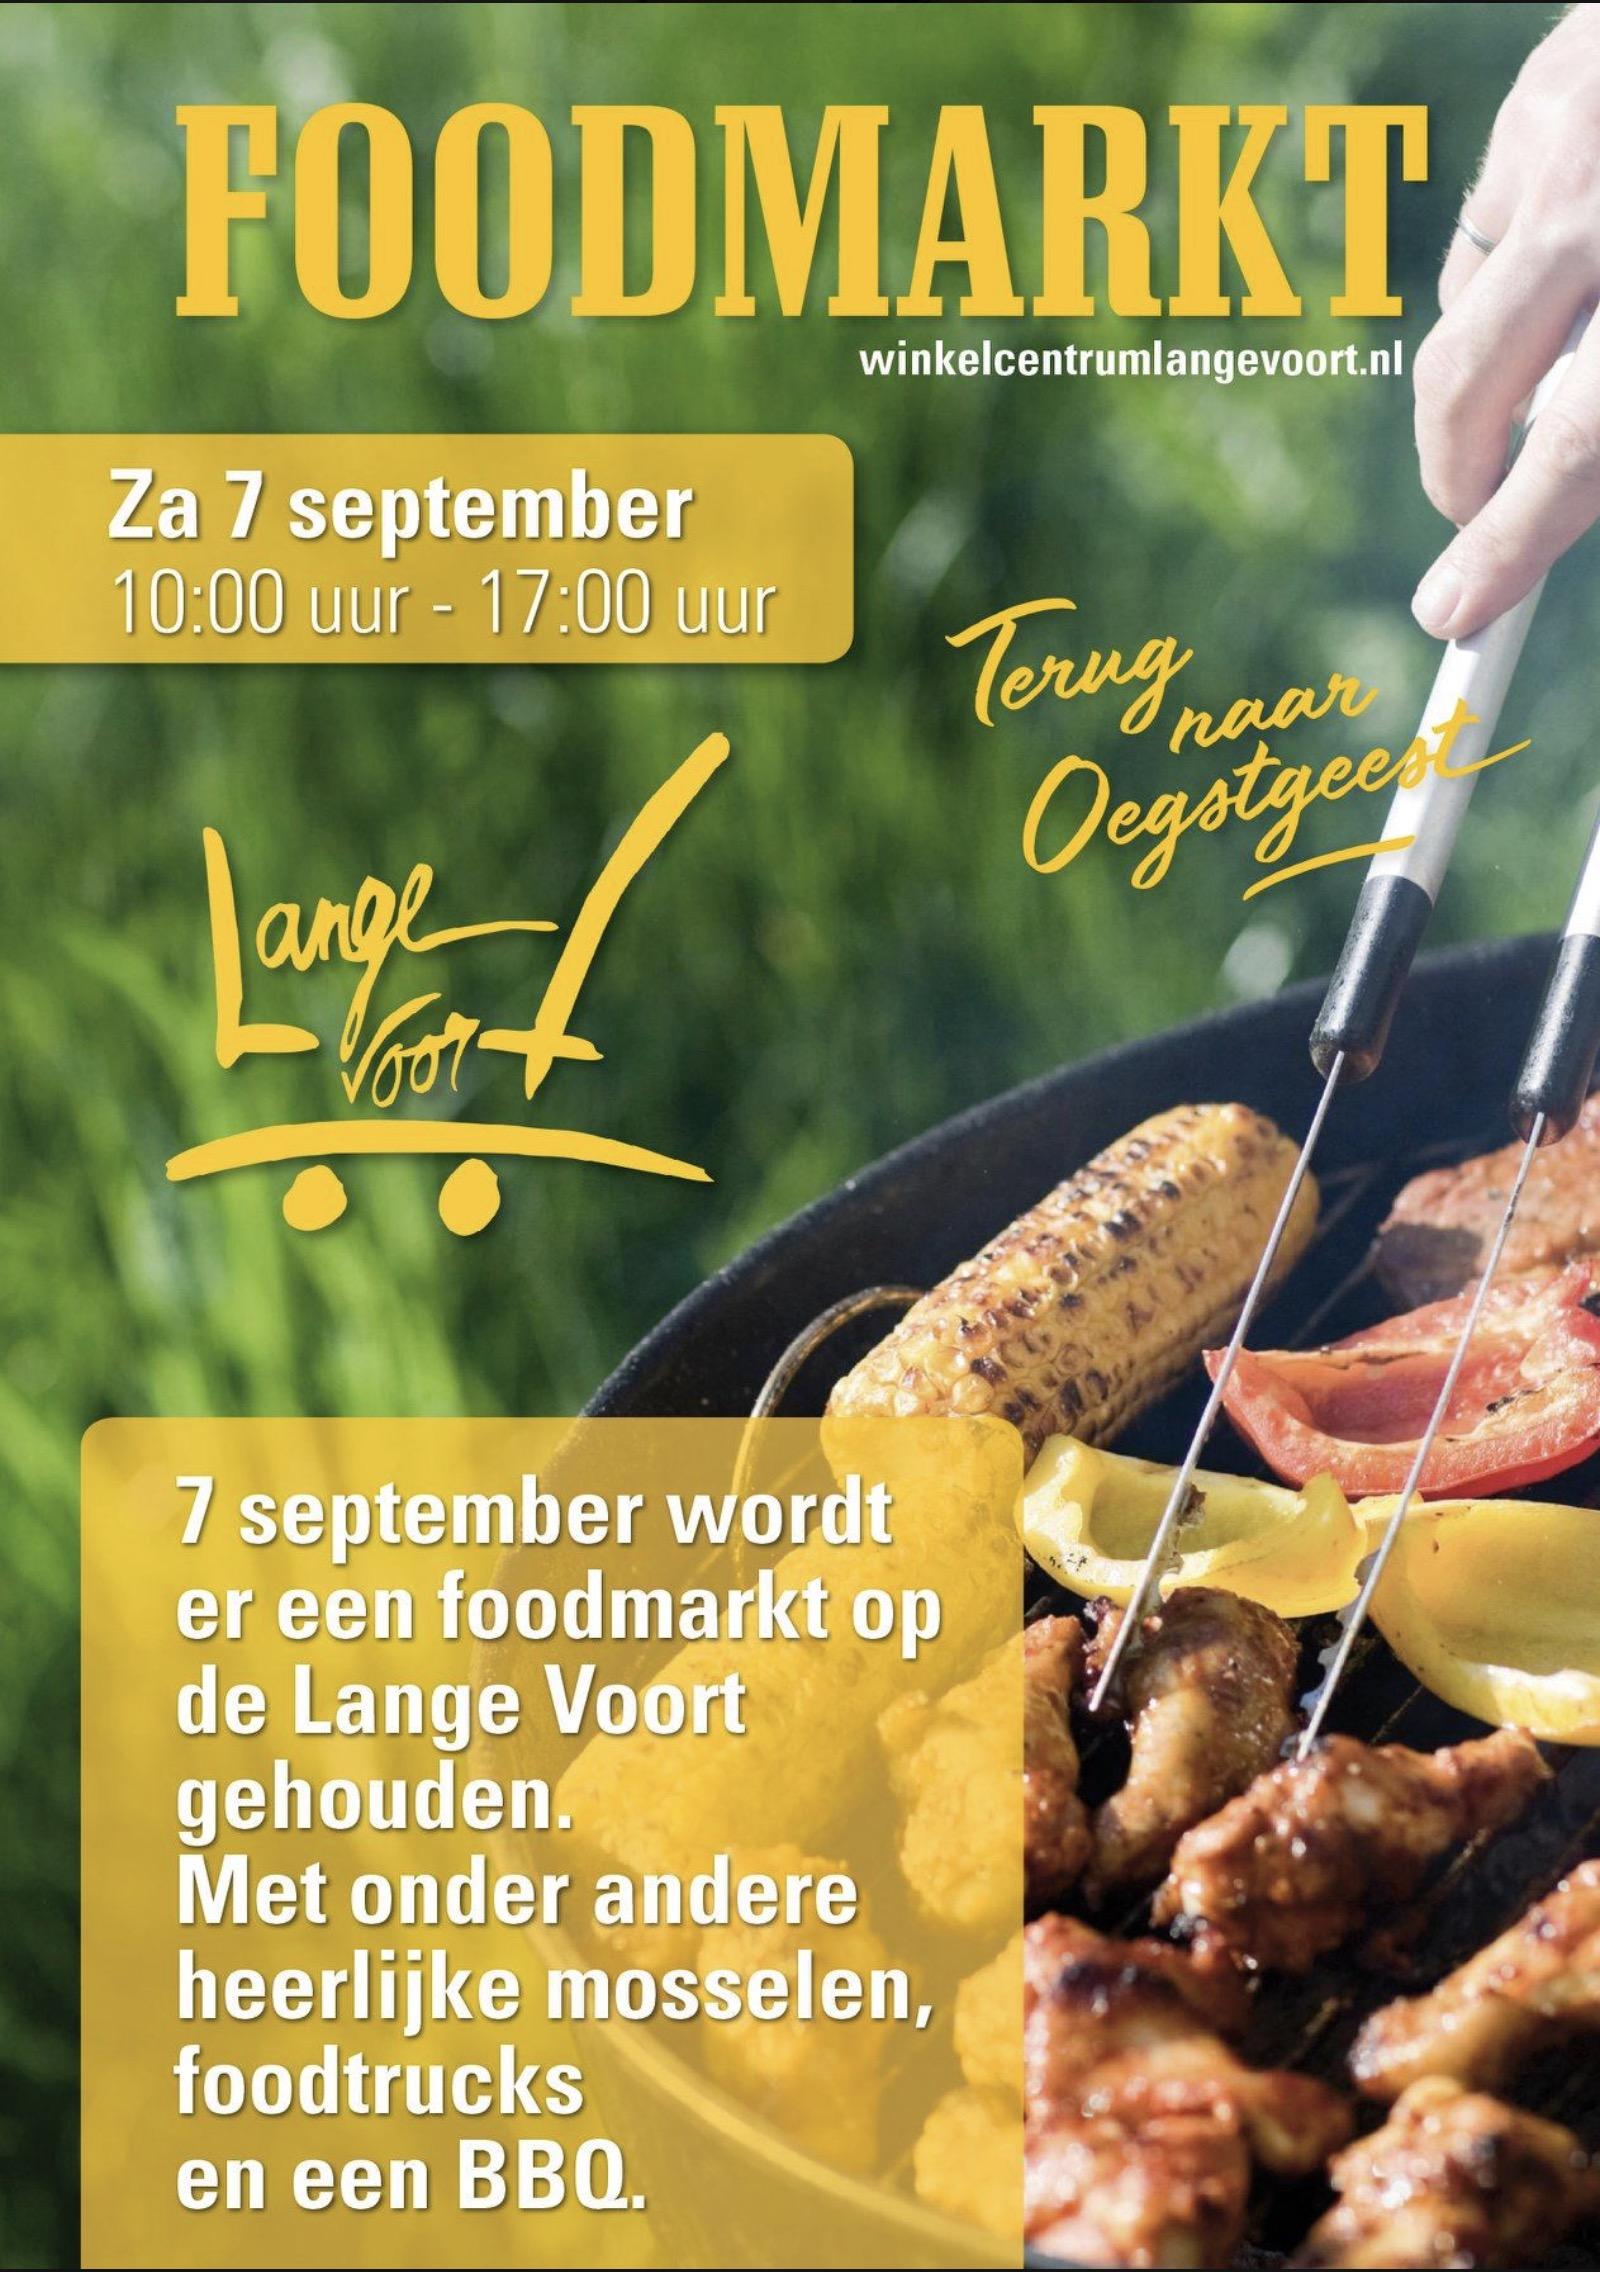 Foodmarkt Lange Voort